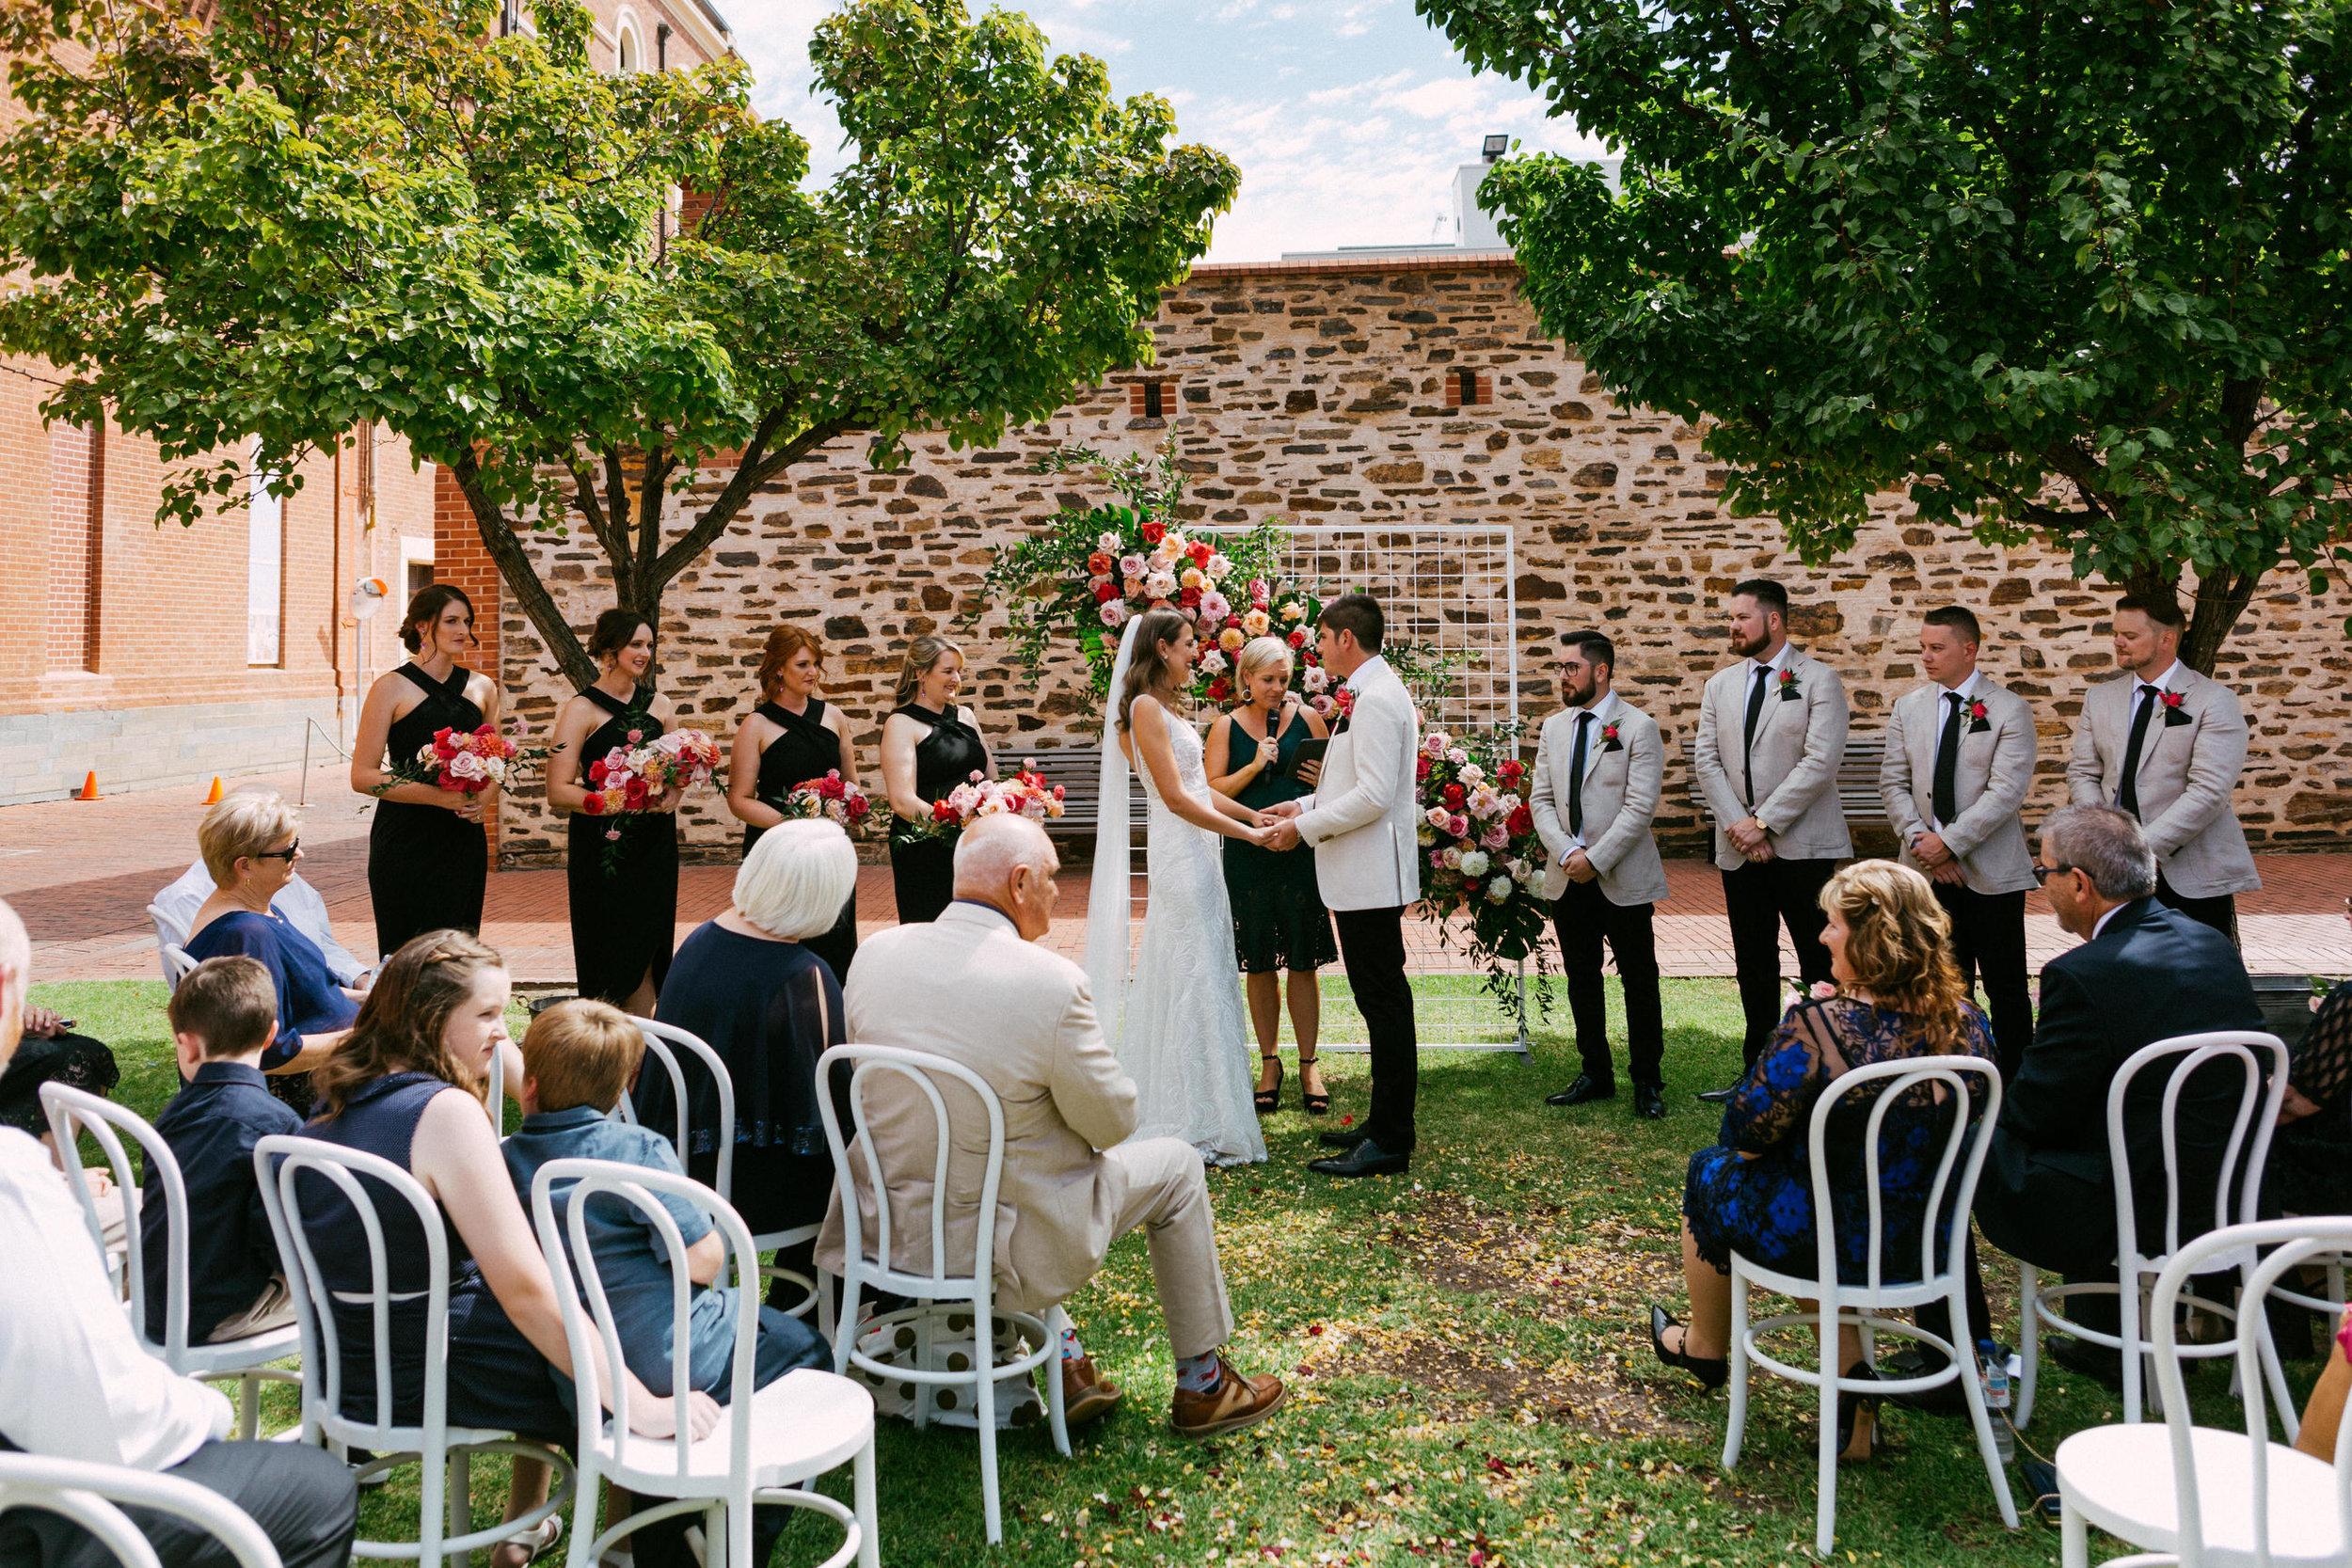 Adelaide City Fringe Garden Unearthly Delight Wedding 043.jpg